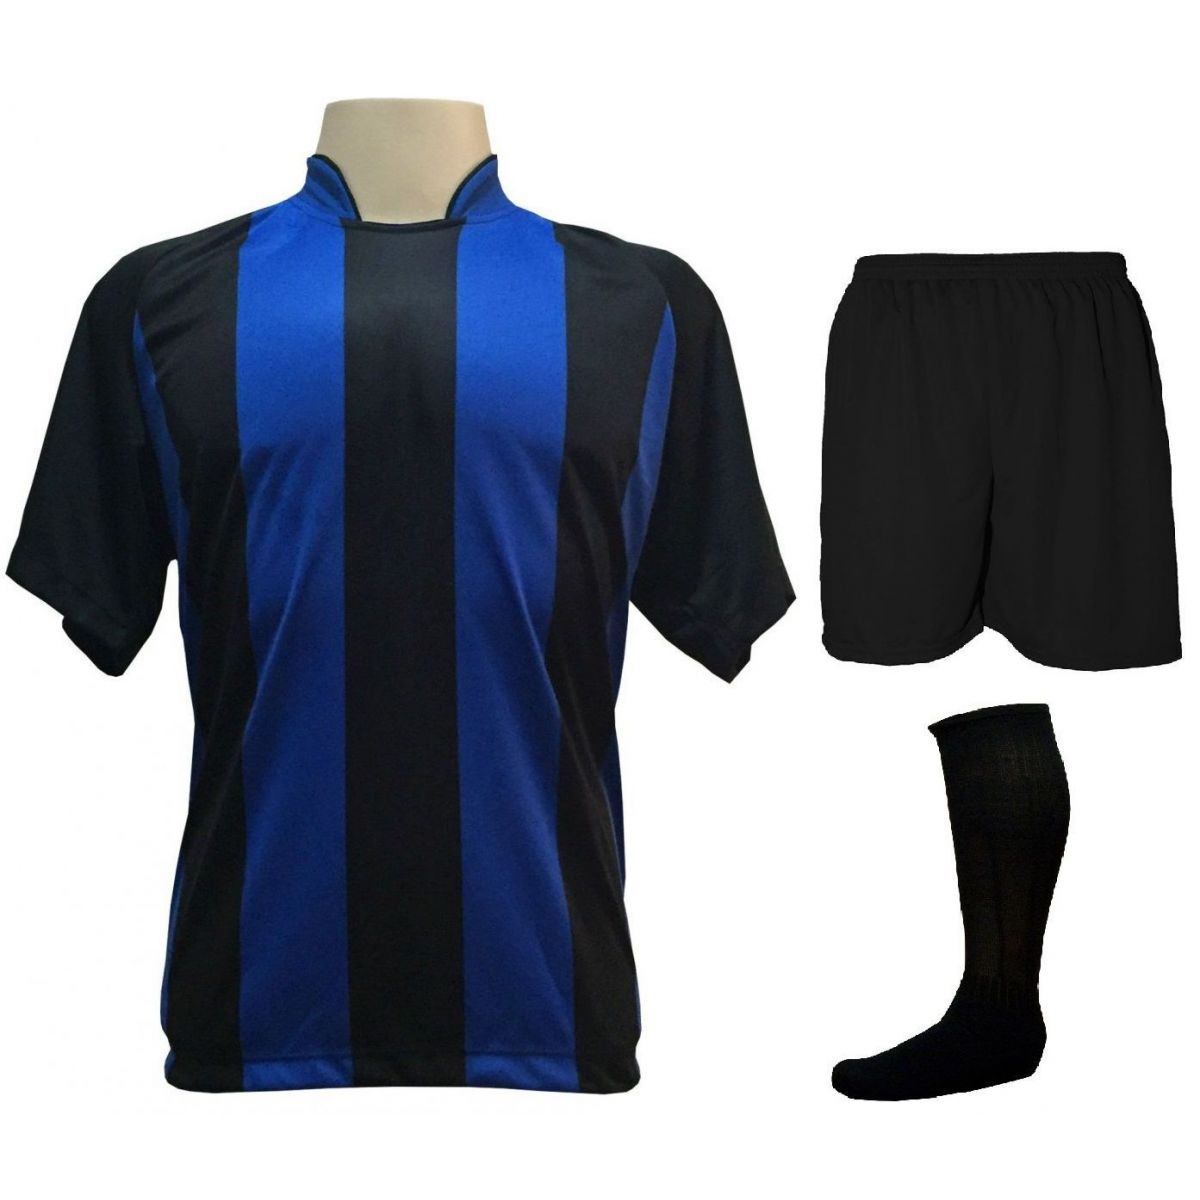 Fardamento Completo modelo Milan Preto/Royal 12+1 (12 camisas + 12 calções + 13 pares de meiões + 1 conjunto de goleiro) - Frete Grátis Brasil + Brindes